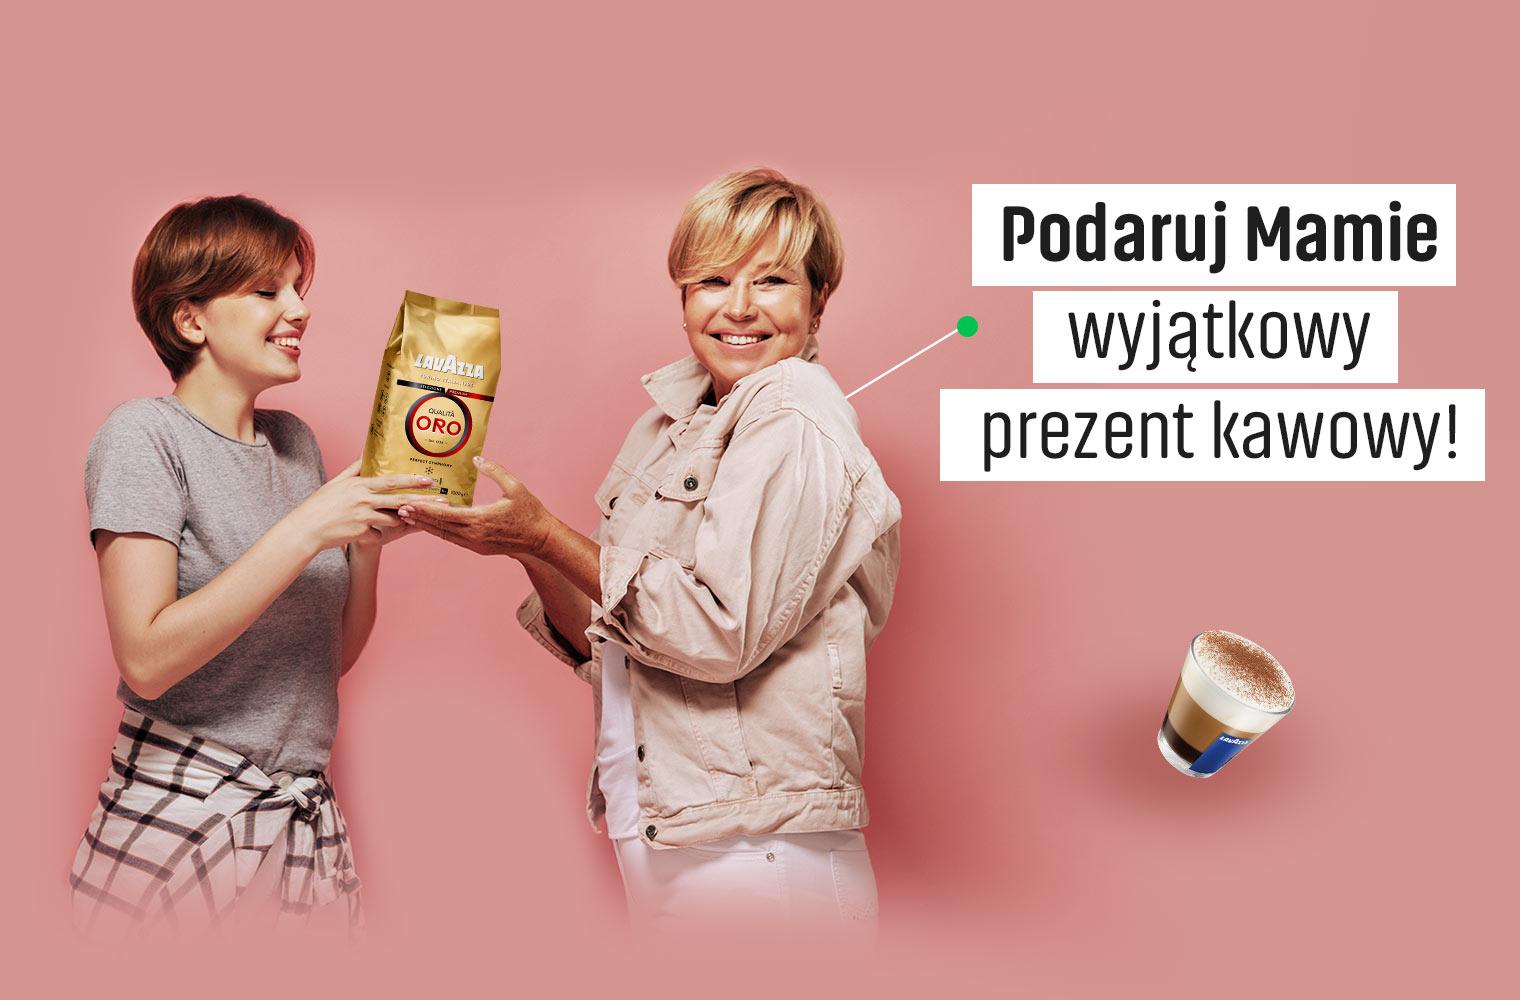 Podaruj mamie wyjątkowy prezent kawowy! RABAT DO 27%